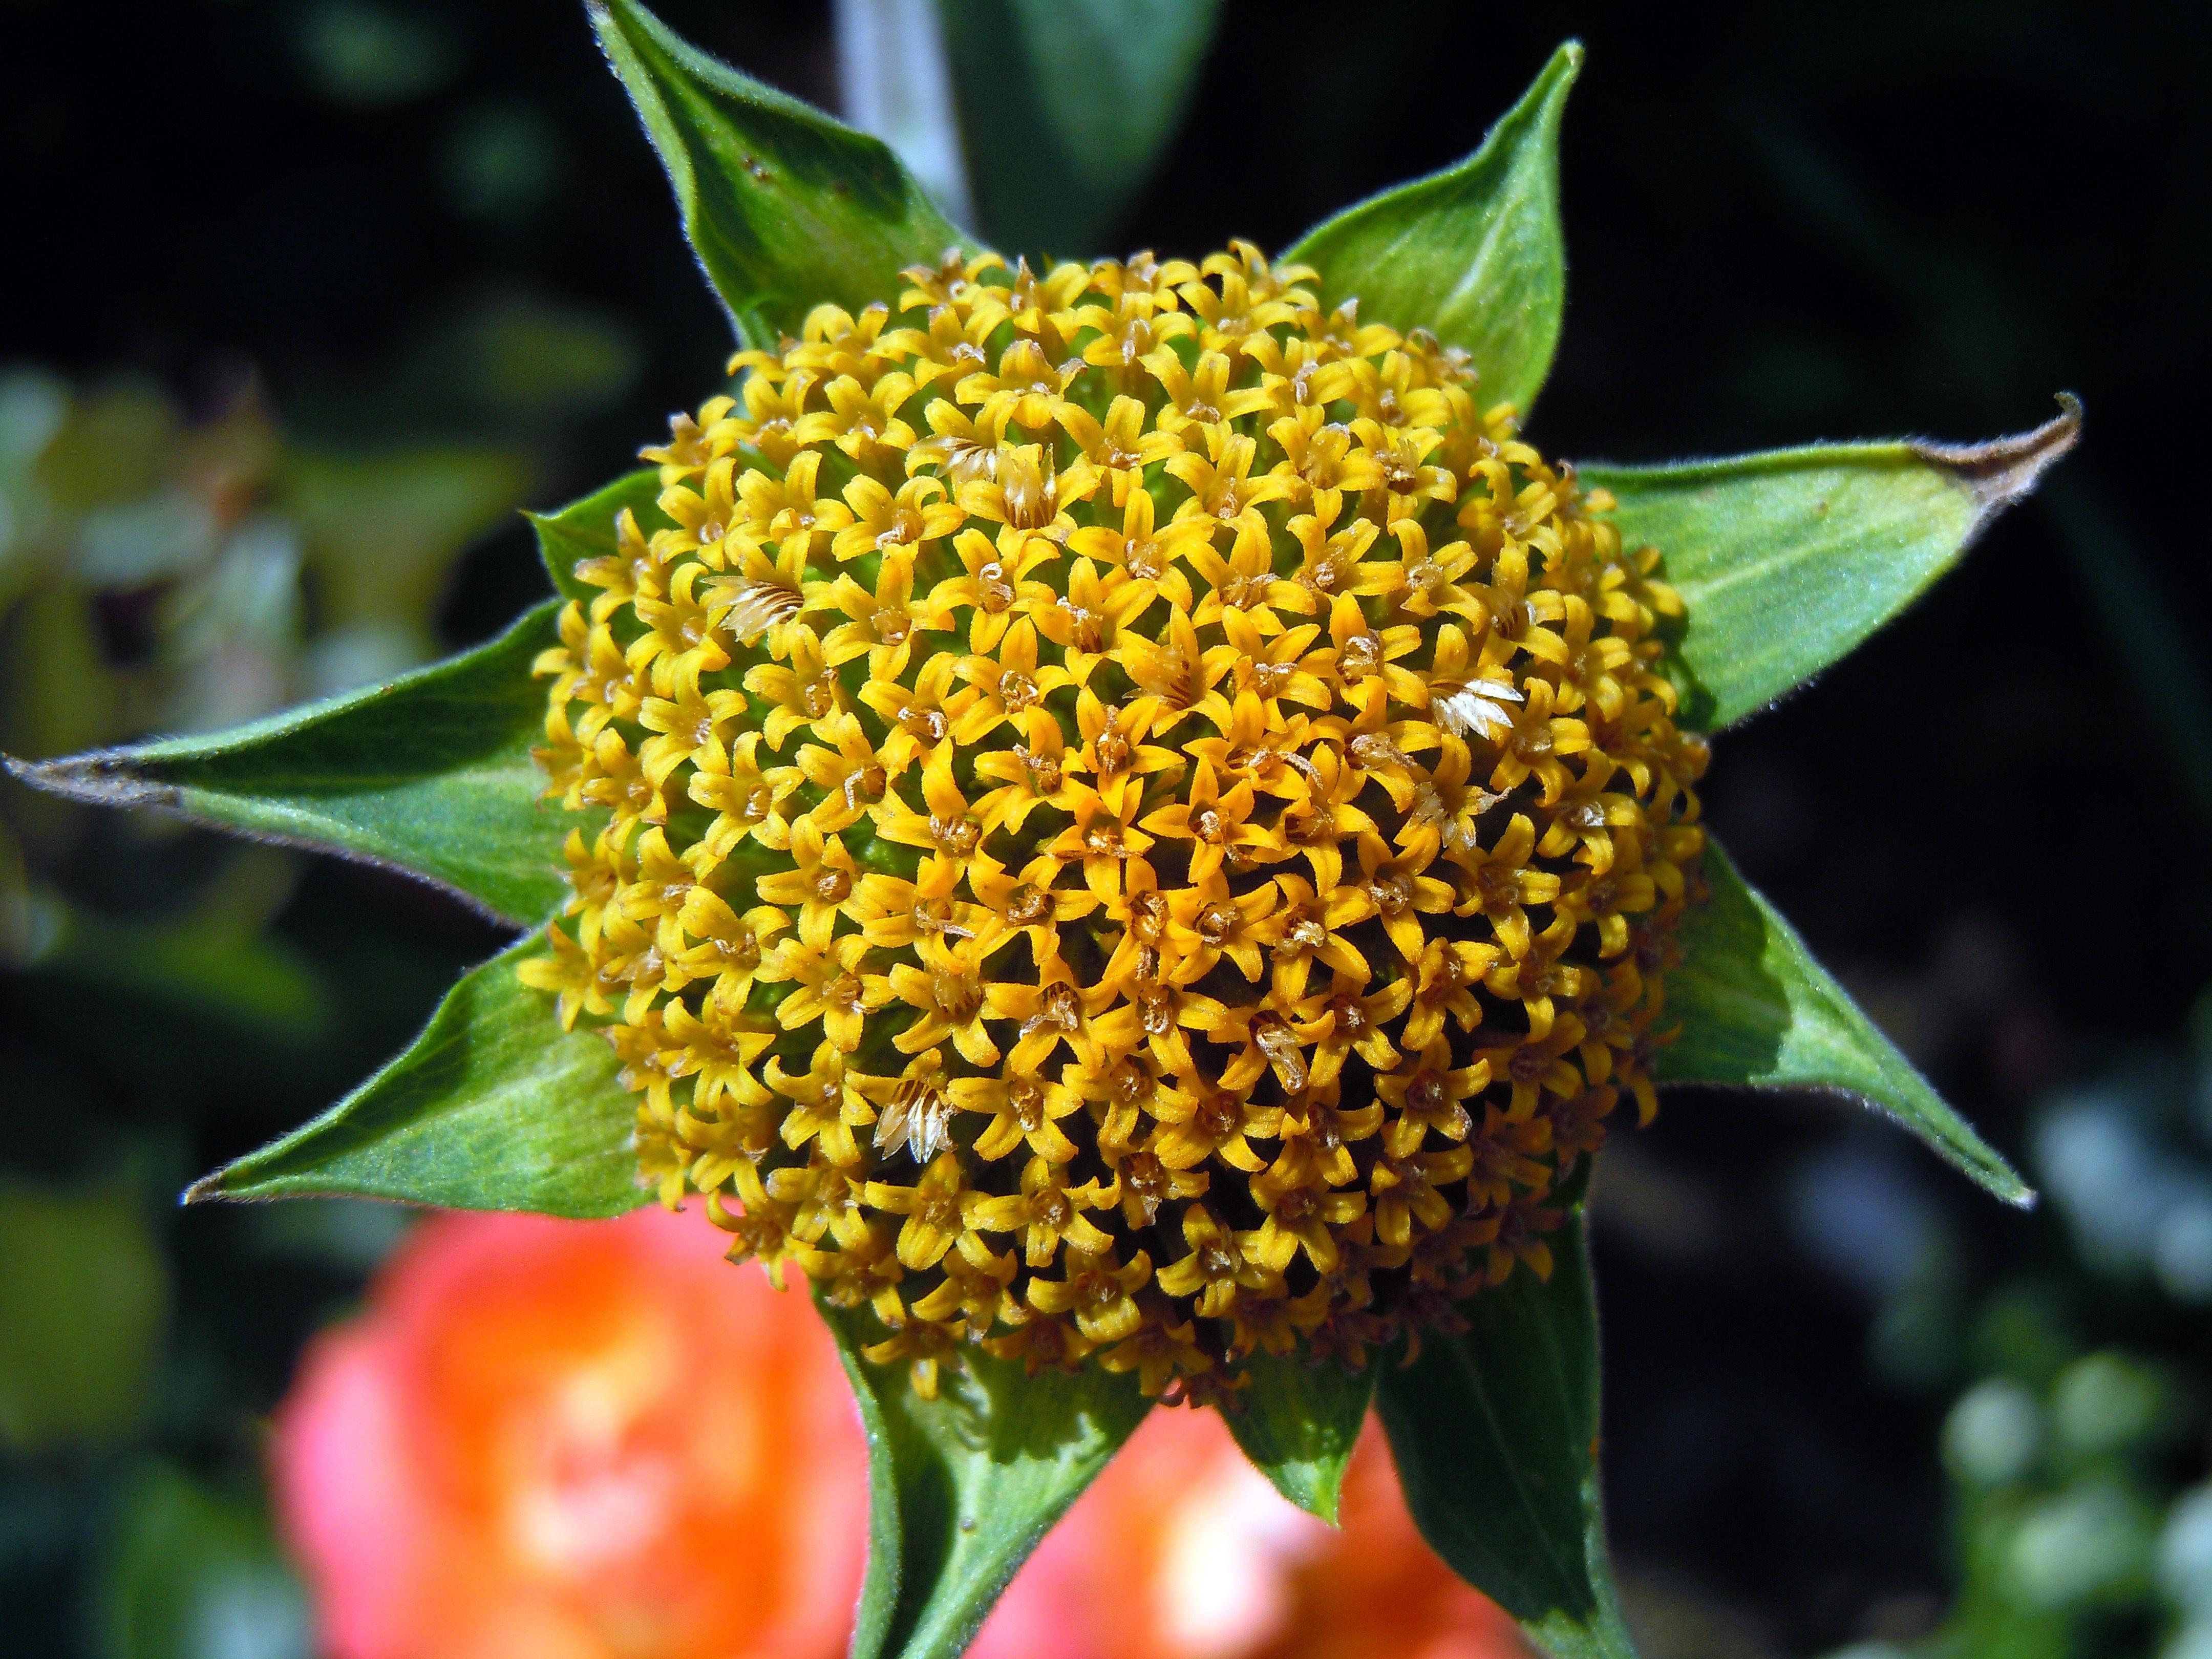 Fiori Gialli A Palla.Immagini Belle Fiorire Fioritura Cibo Produrre Botanica